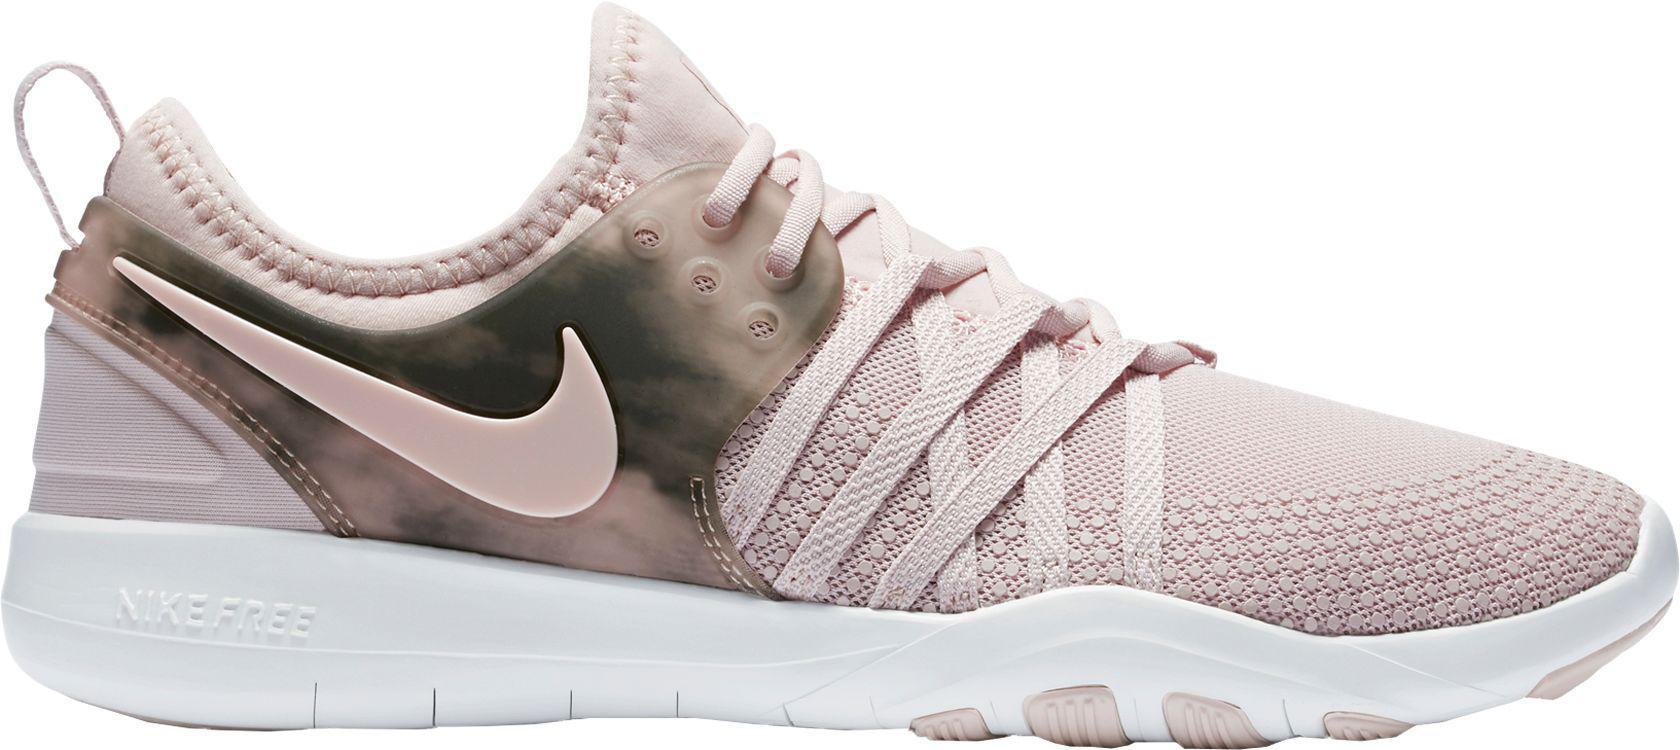 Nike. Women's Free Tr 7 Bionic Training Shoes